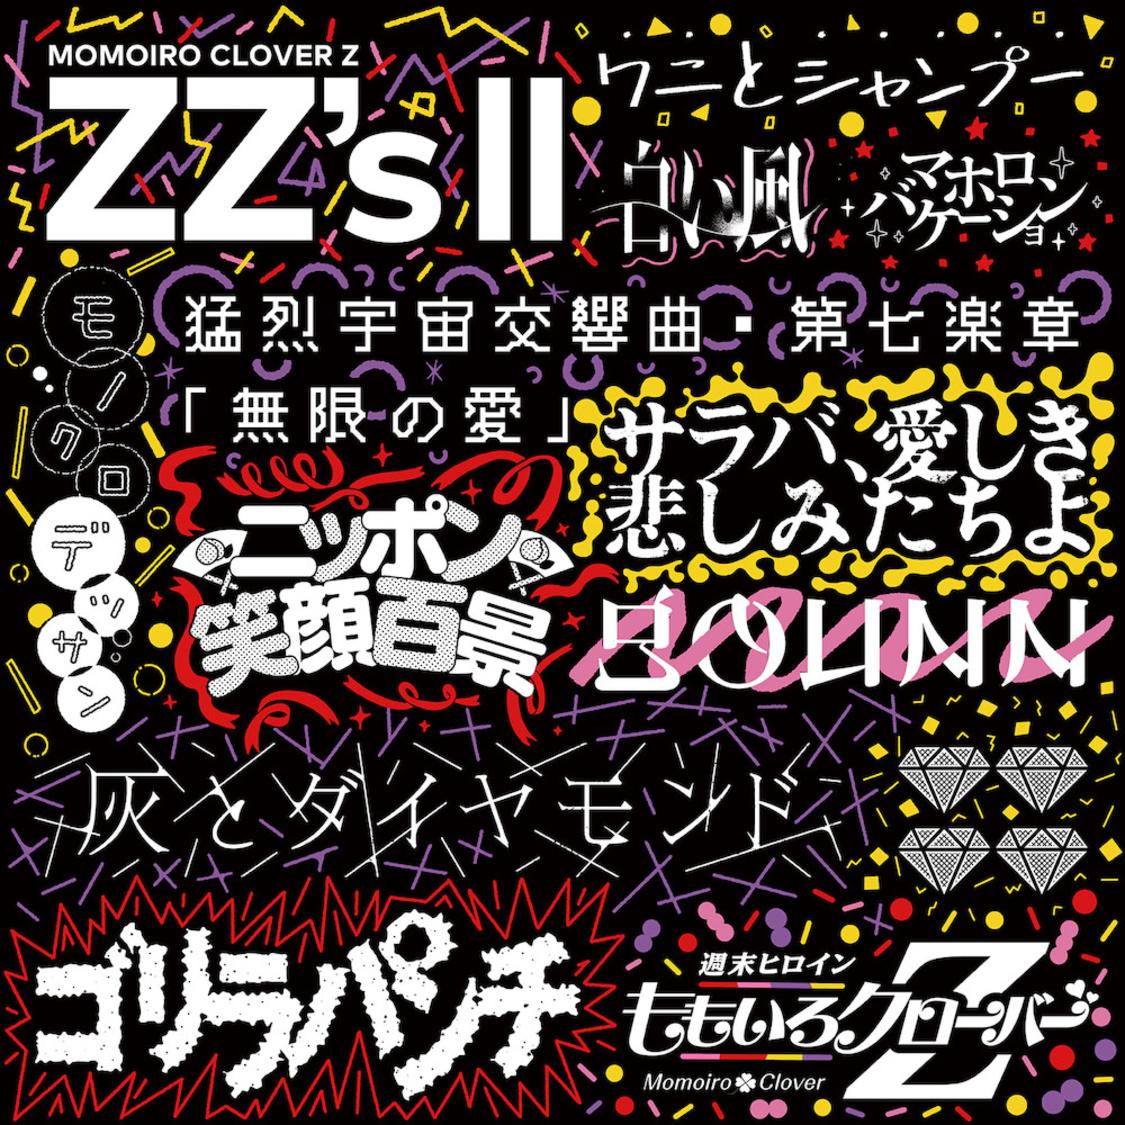 ももクロ、配信AL『ZZ's Ⅱ』配信開始+「モノクロデッサン -ZZ ver.-」の収録をサプライズ解禁!